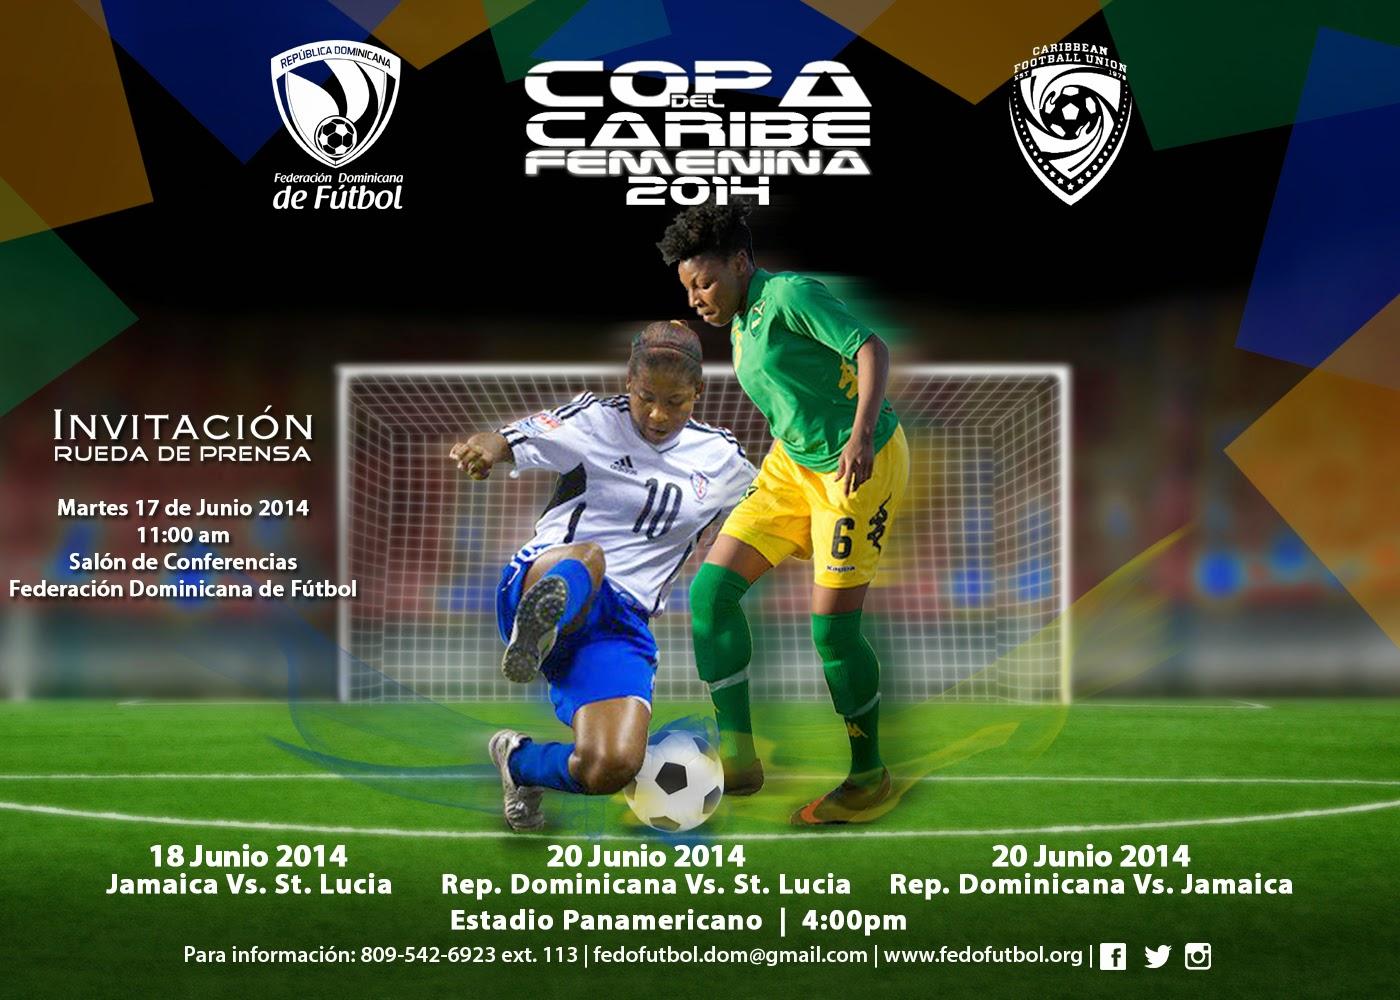 Rueda de Prensa Copa del Caribe Femenina 2014